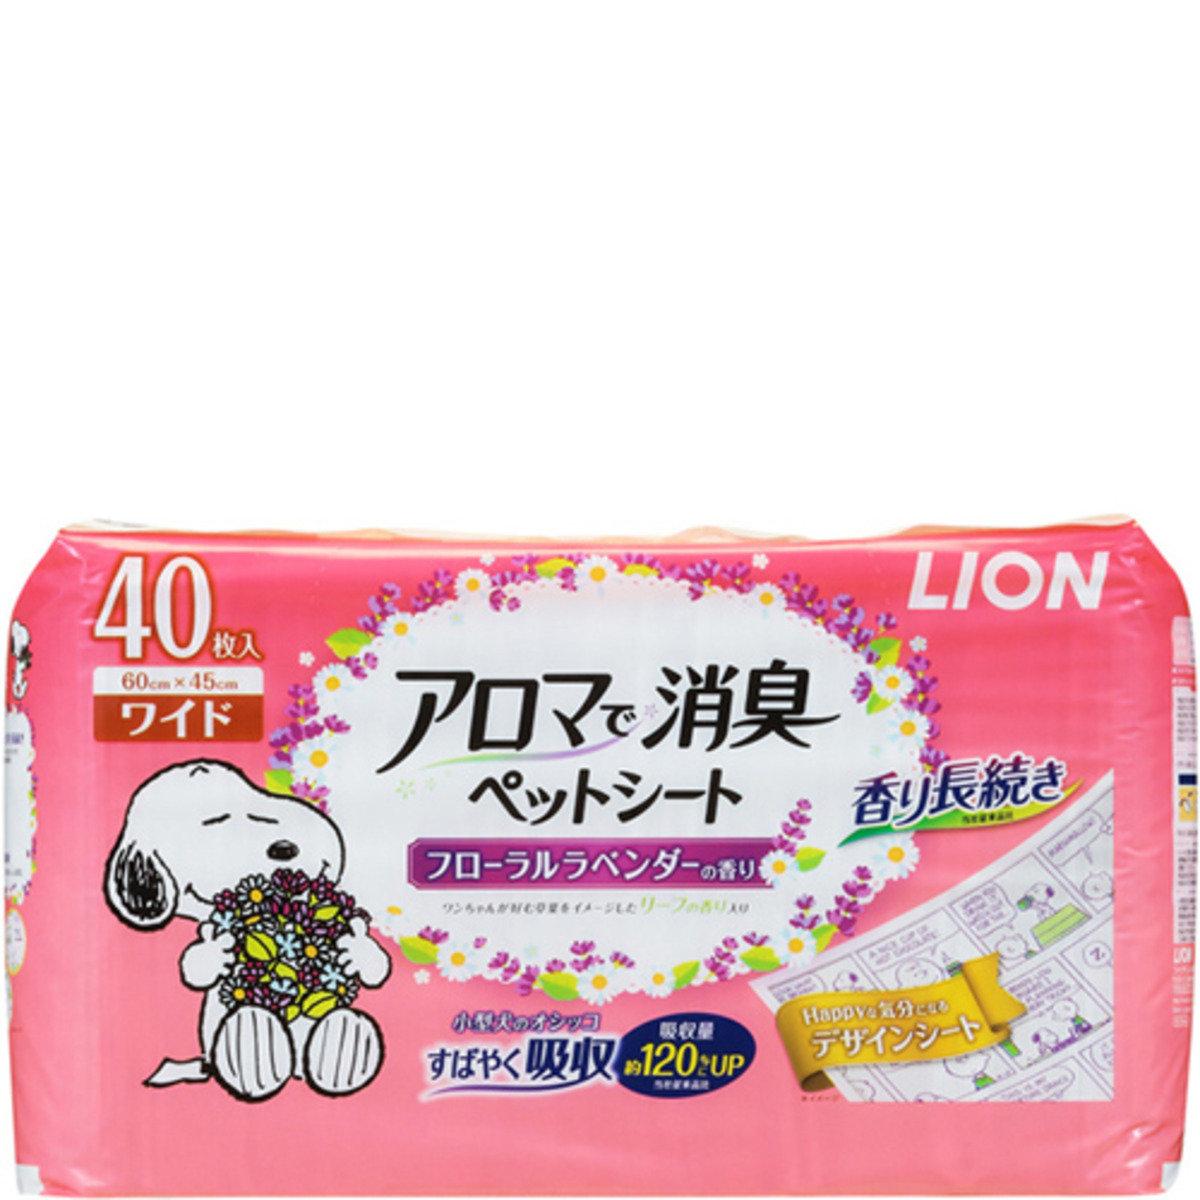 日本 LION 薰衣草寵物尿片40片裝 - 45x60cm